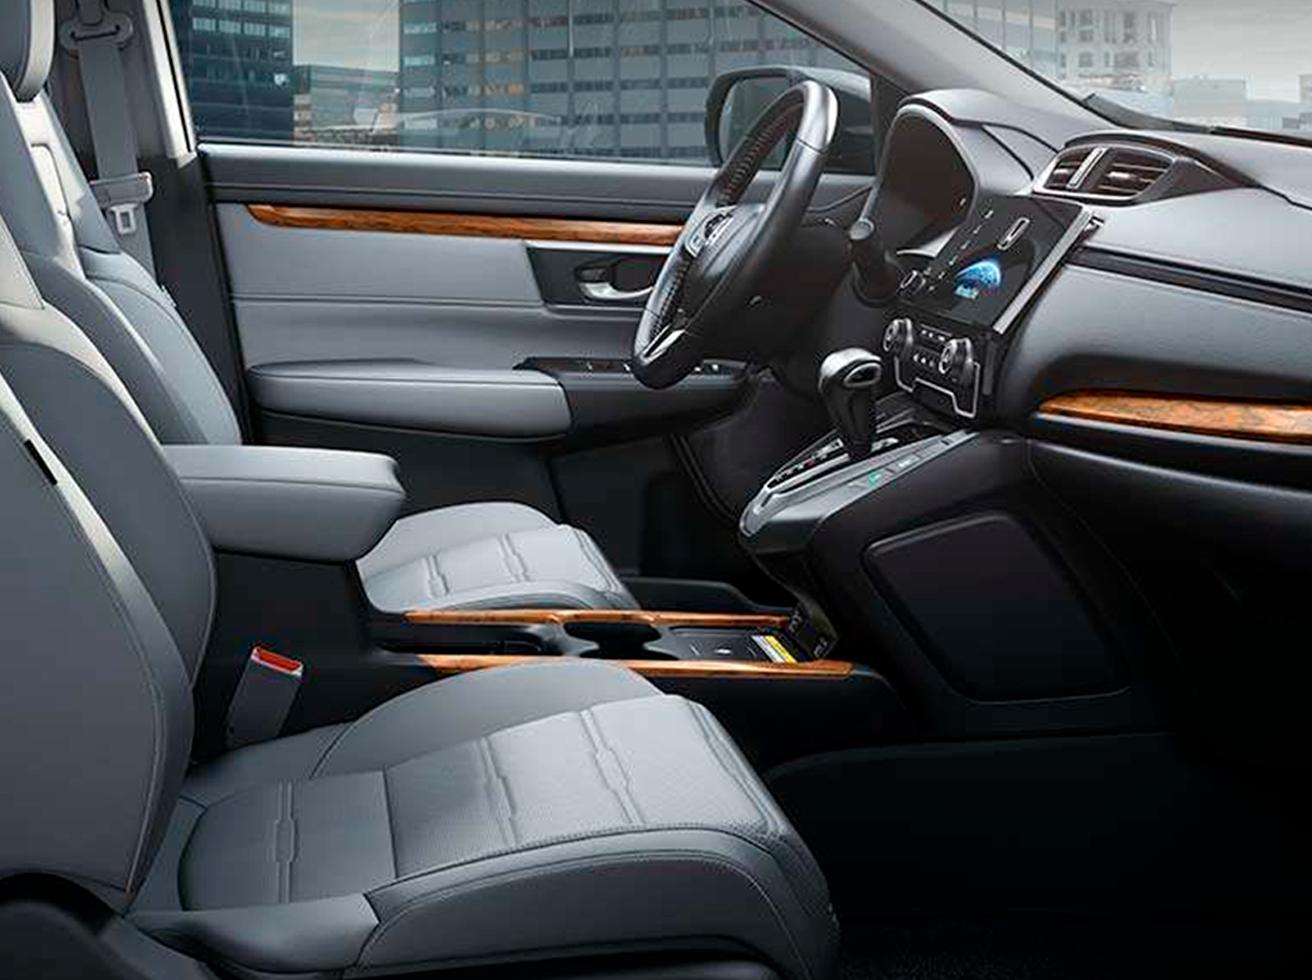 1.5 16V VTC TURBO GASOLINA TOURING AWD CVT